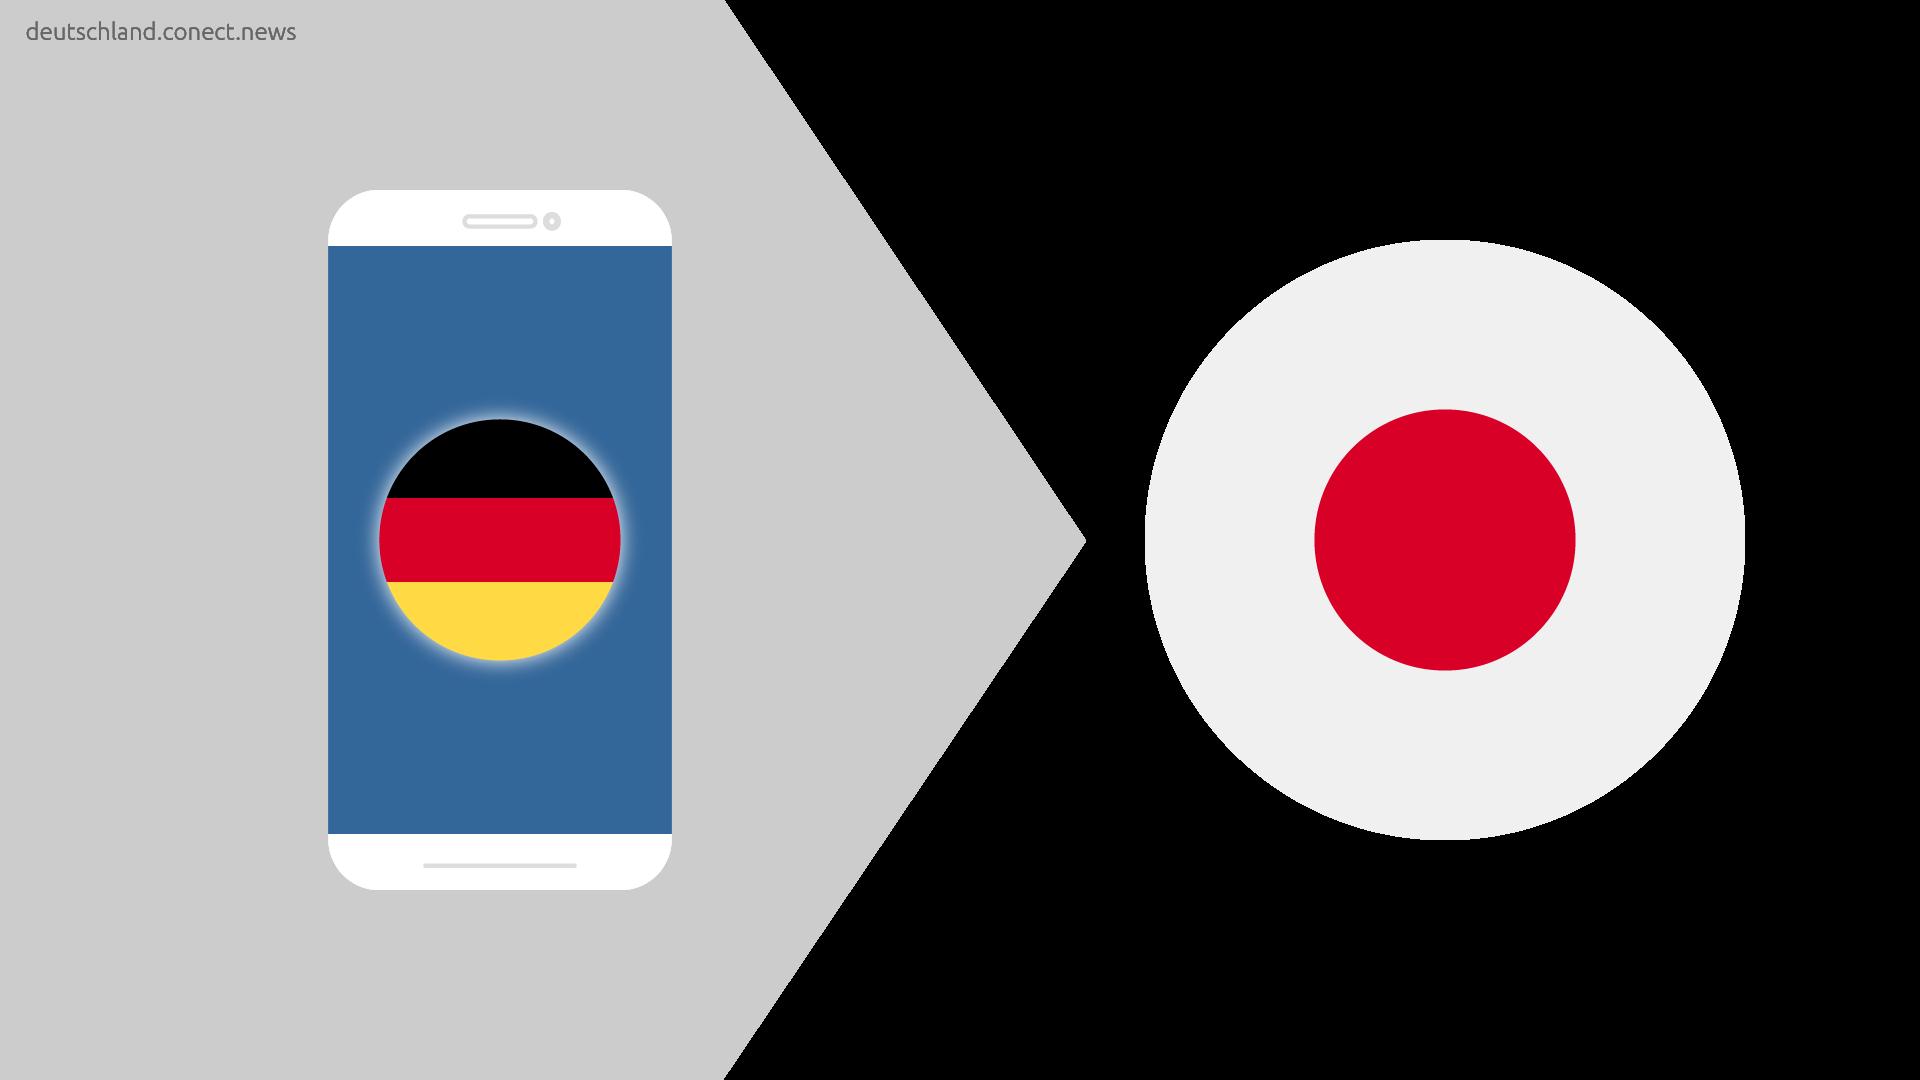 Günstiger von Deutschland nach Japan @conetc_news